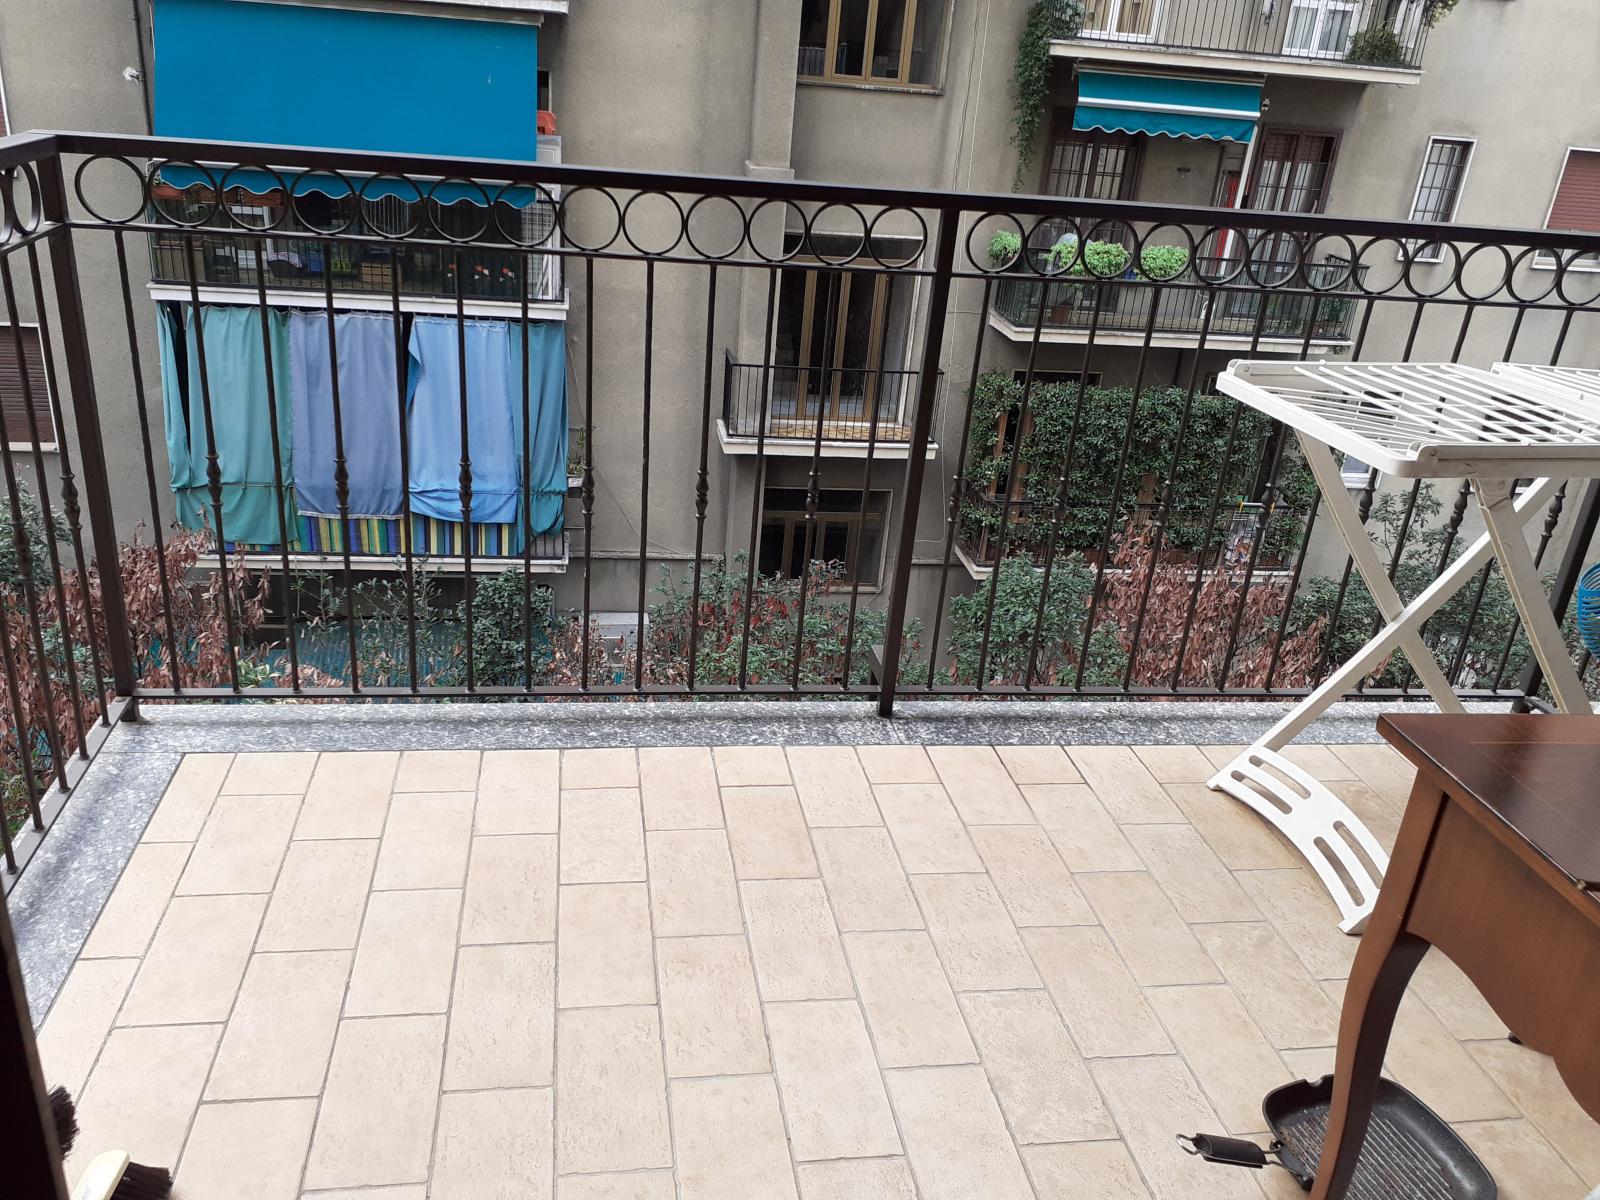 appartamento-in-vendita-a-milano-san-siro-via-capecelatro-spaziourbano-immobiliare-vende-4